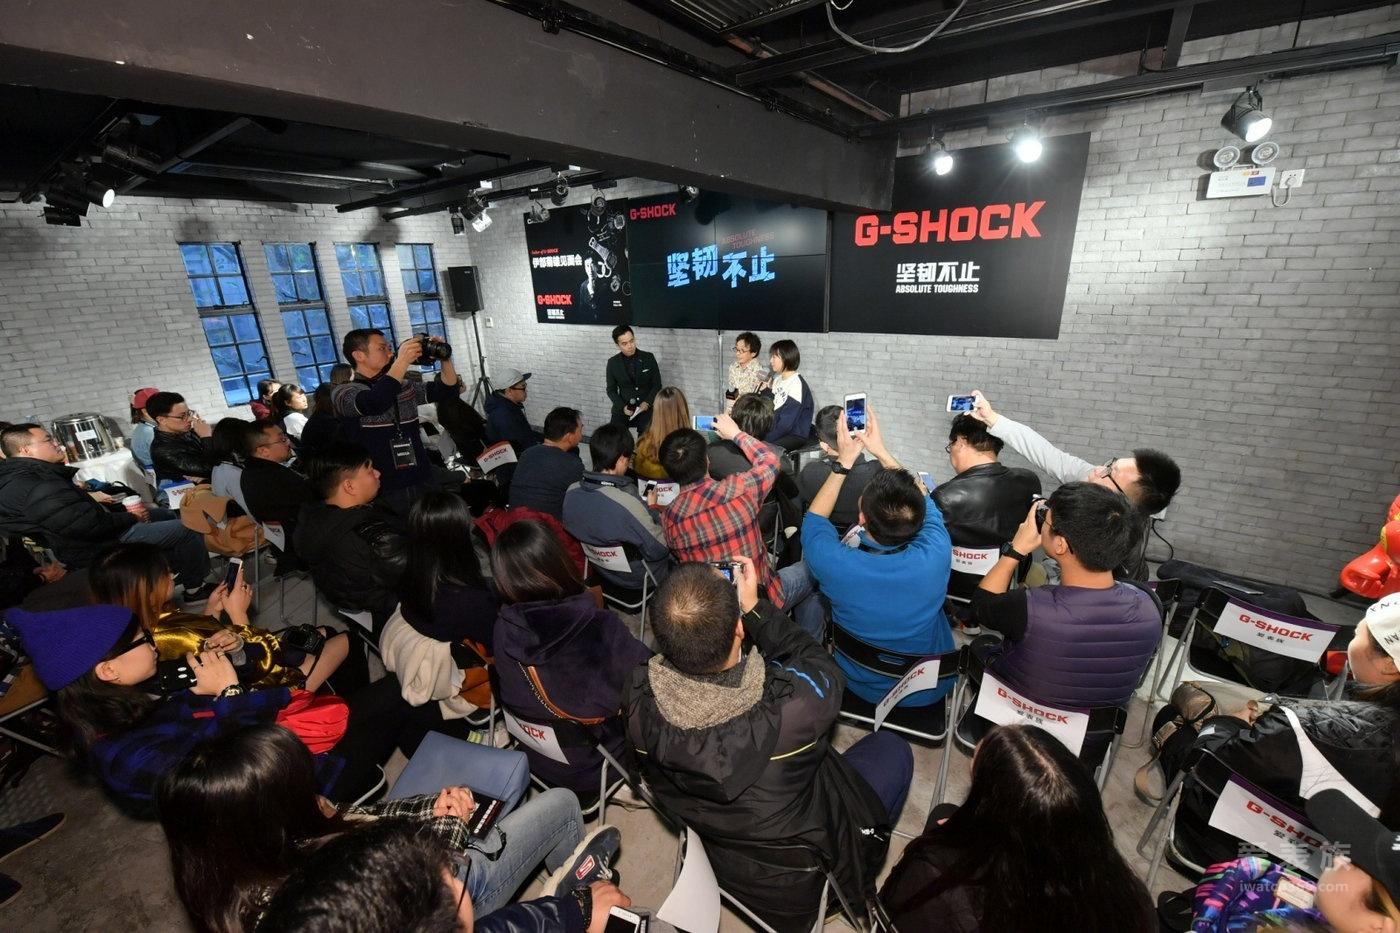 卡西欧——G-SHOCK新款发布会,G-SHOCK之父和粉丝互动畅聊热情高涨